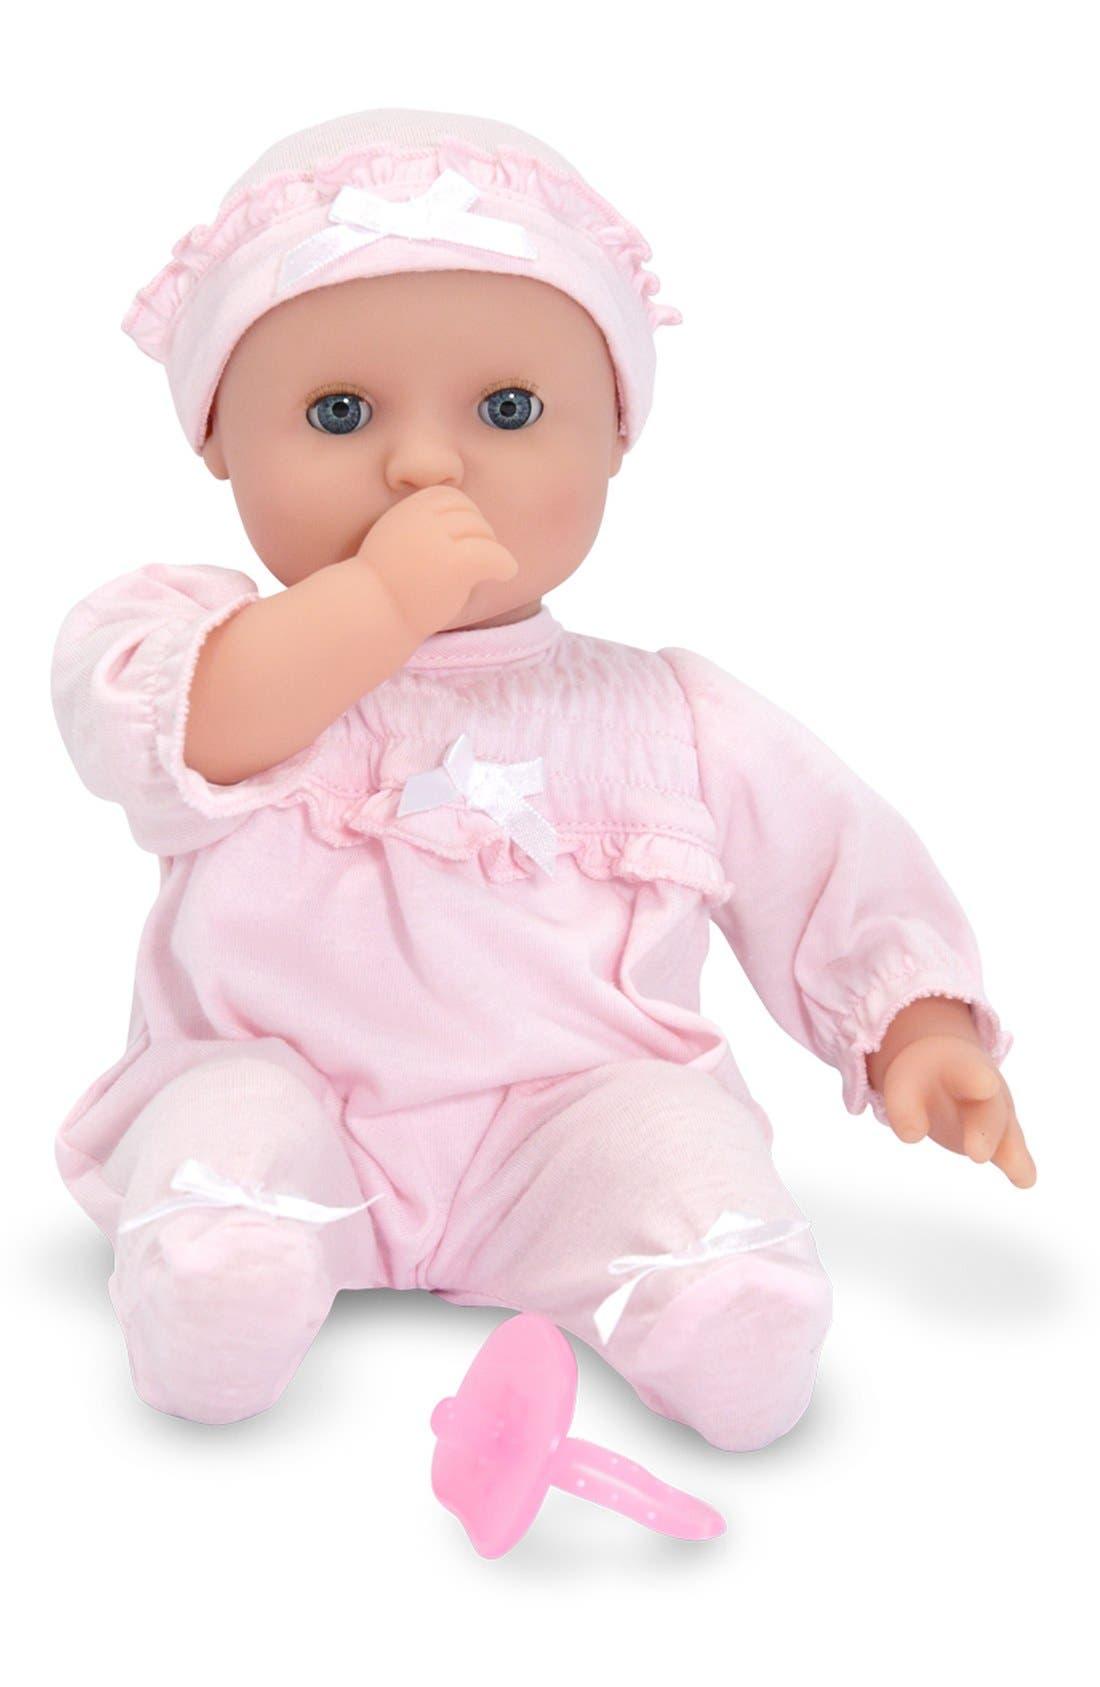 Melissa & Doug 'Mine to Love - Jenna' Baby Doll